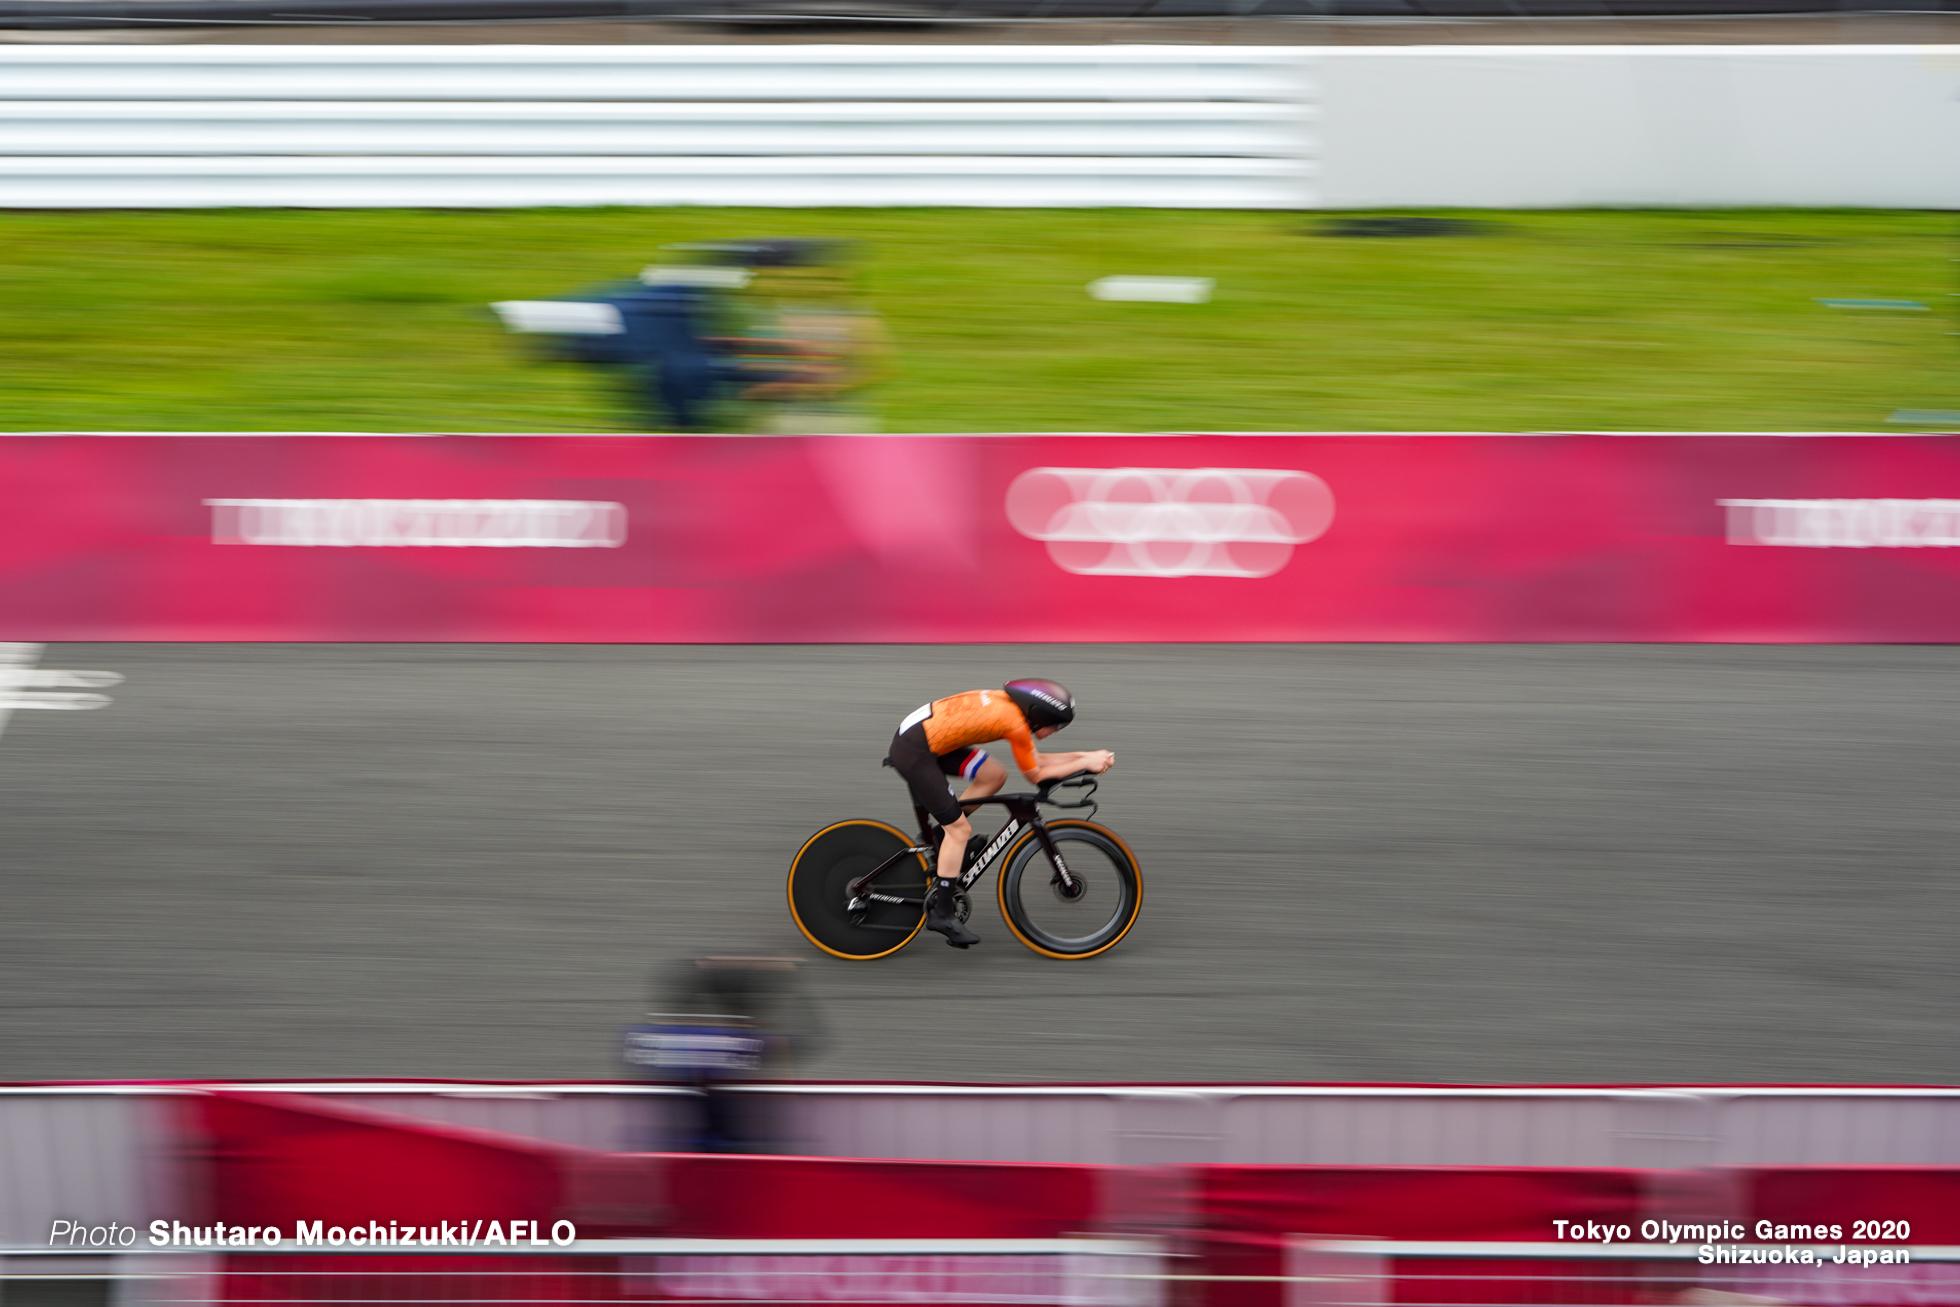 アンネミク・ファンフルテン Annemiek van Vleuten (NED), JULY 28, 2021 - Cycling : Women's Individual Time Trial during the Tokyo 2020 Olympic Games at the Izu MTB Course in Shizuoka, Japan. (Photo by Shutaro Mochizuki/AFLO)